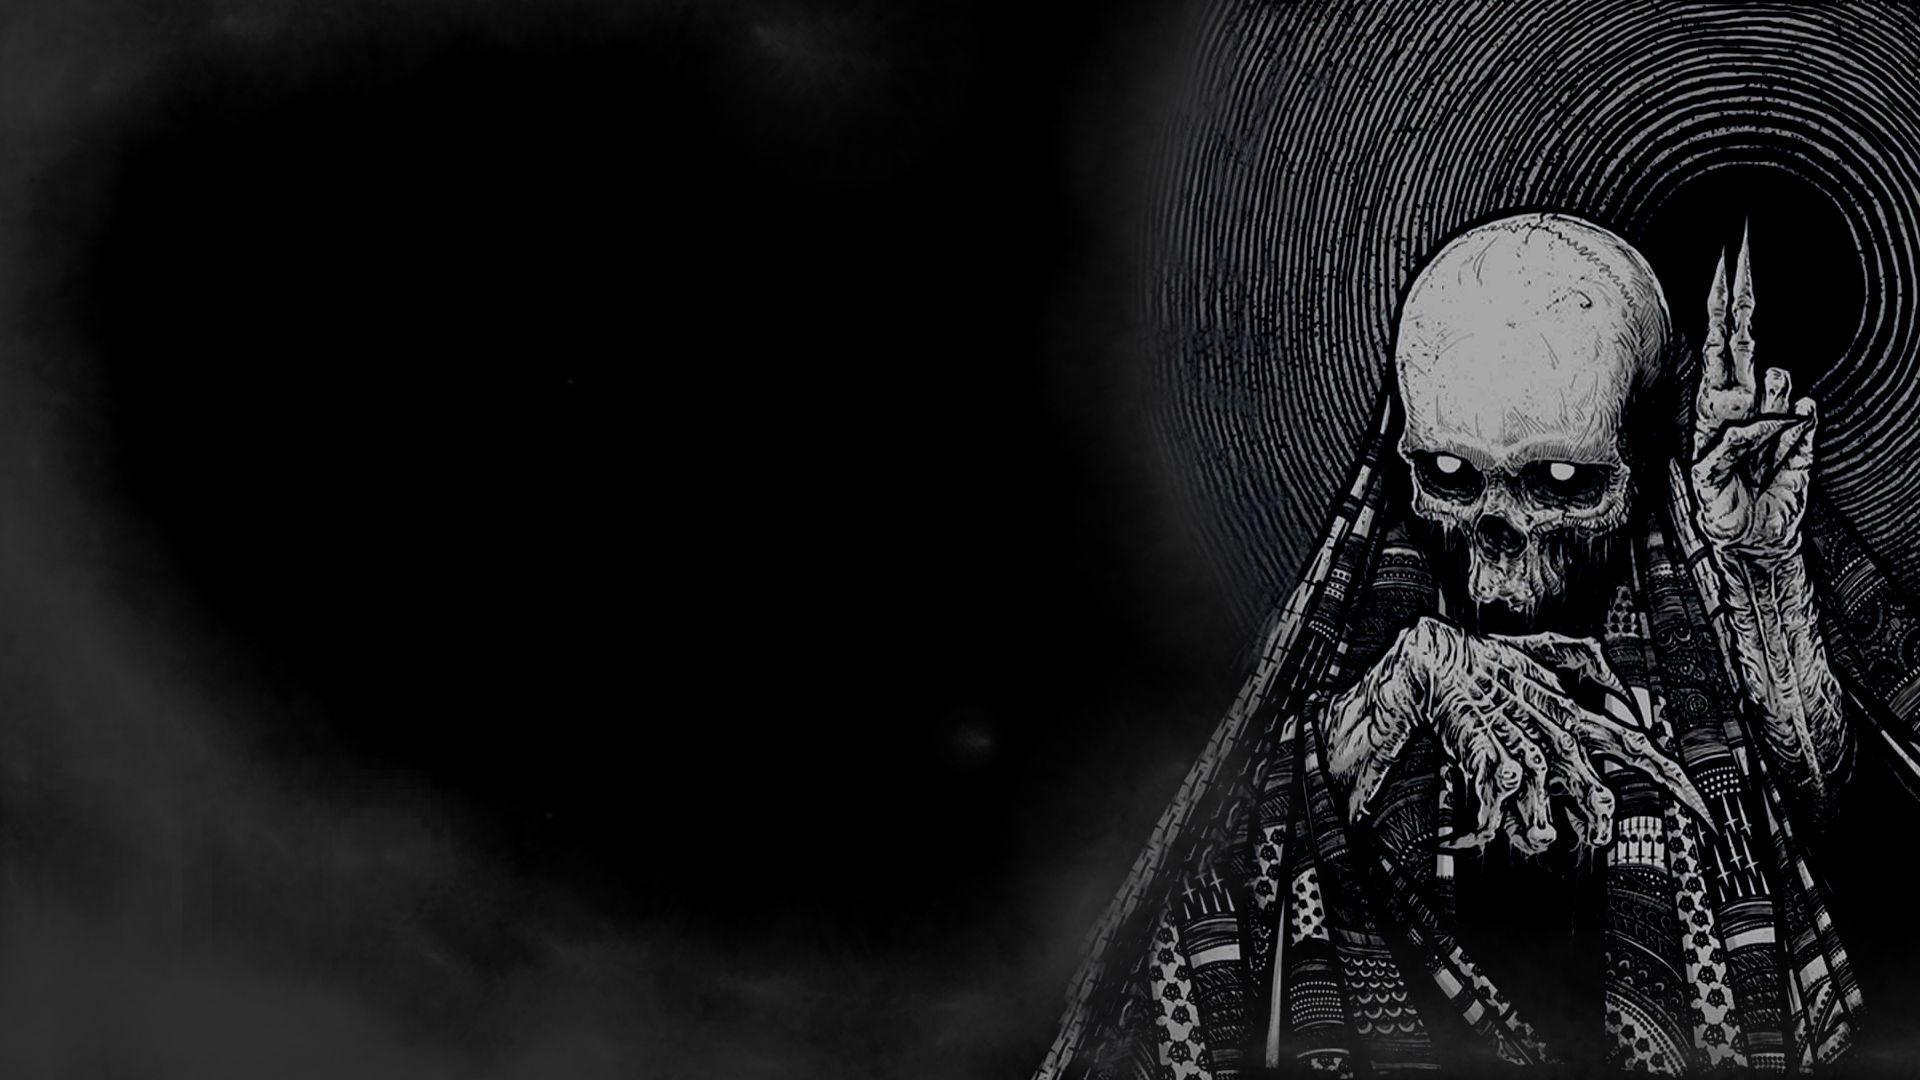 Dark Skull Hd Wallpaper 2021 Live Wallpaper Hd Black Skulls Wallpaper Skull Wallpaper Desktop Wallpaper Art